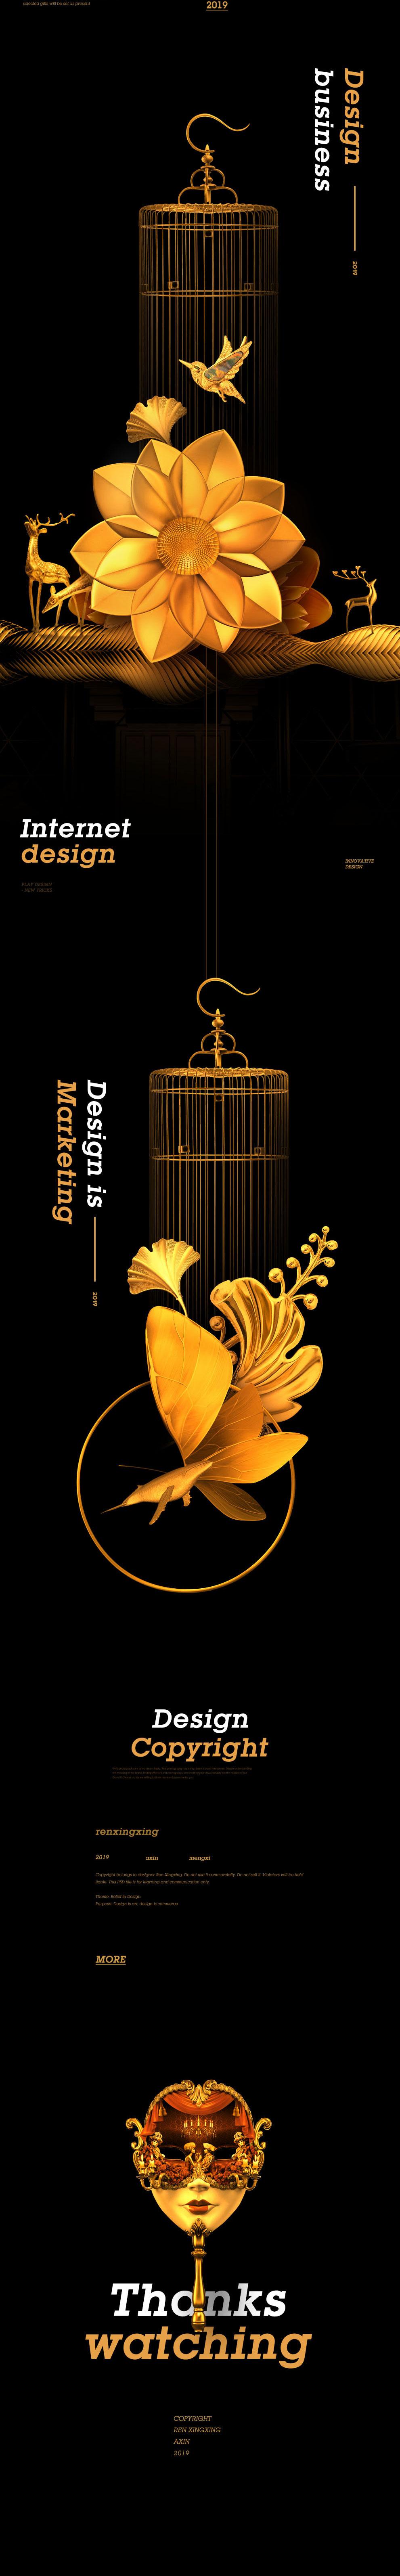 金色系异域风大页面设计素材psd源文件免费下载-凡酷网  (fankuw.cn)  -  综合性资源分享平台网站